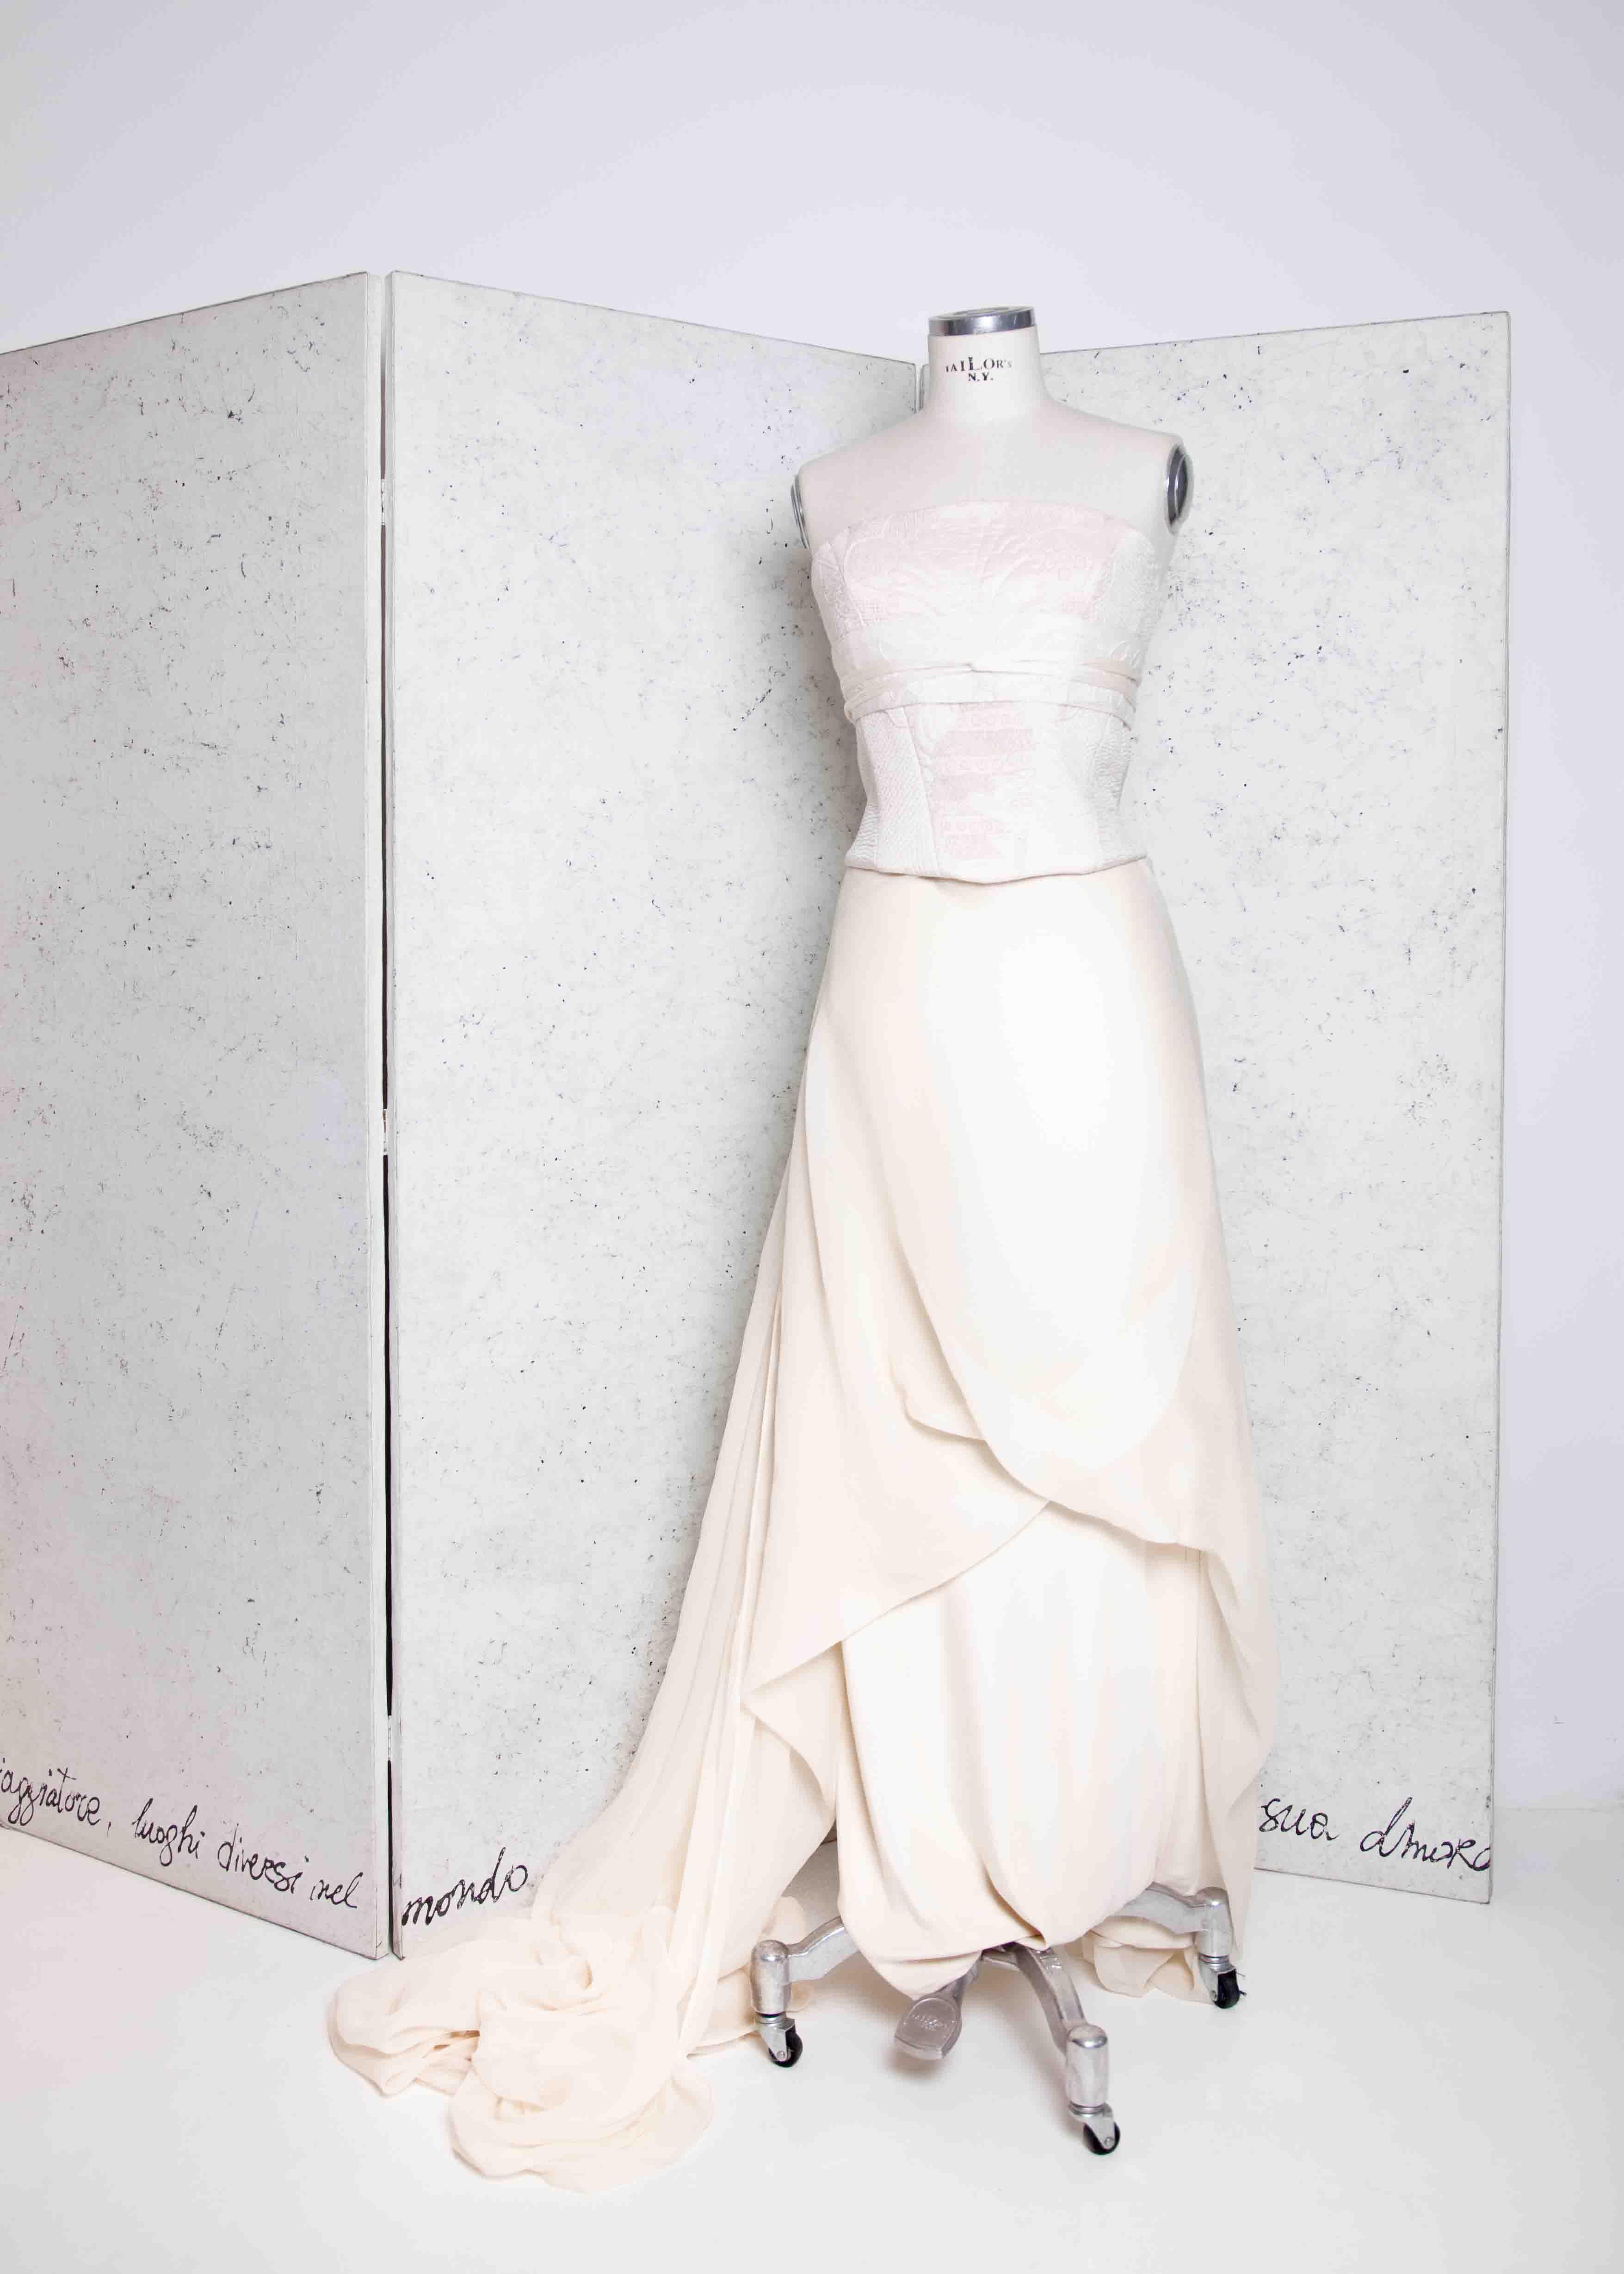 Atelier Yooj Milano Wedding Dress Atelieryooj Atelier Abito Da Sposa Milano Abito Da Sposa Milano Abito Da Sposa Stile Vi Sposa Boho Boho Chic Abiti Da Sposa